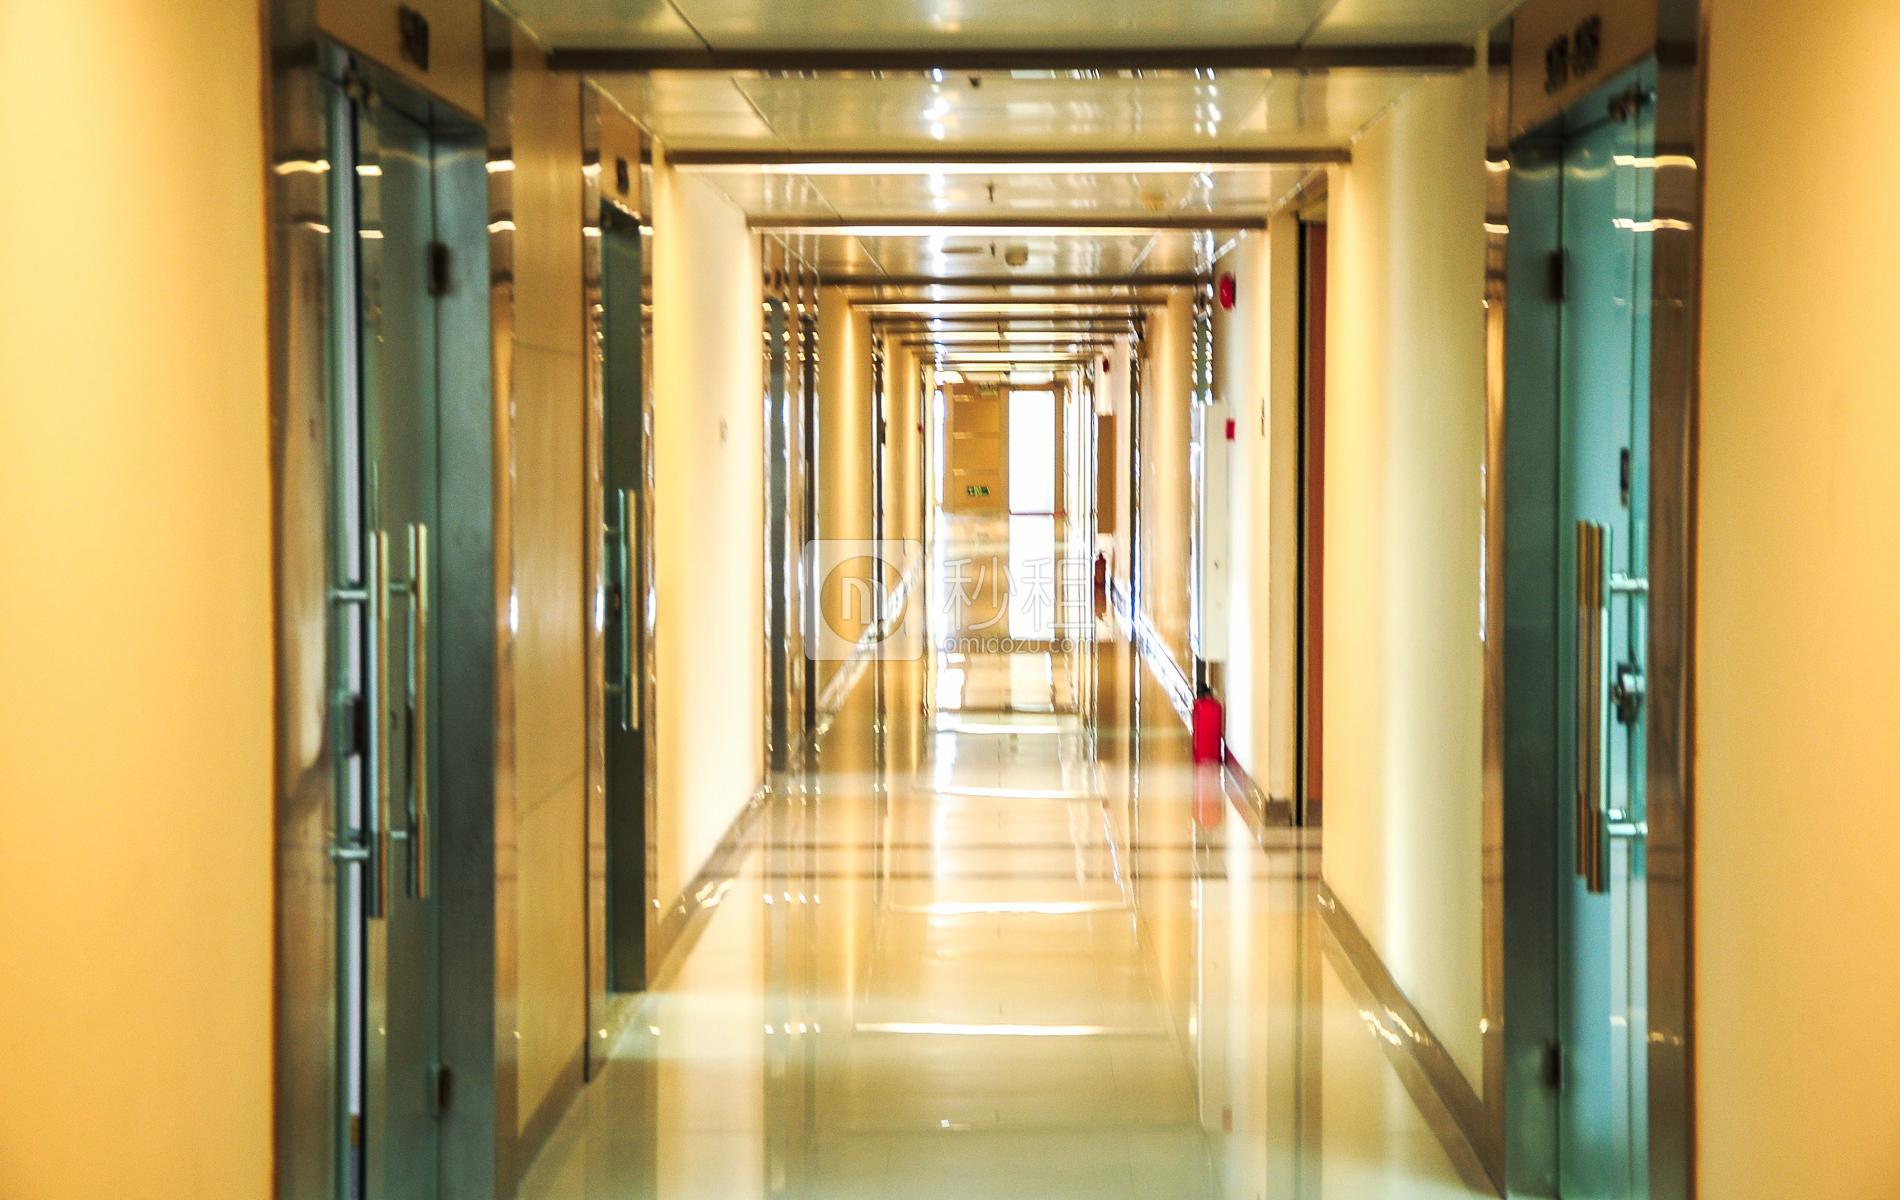 城光大厦写字楼出租/招租/租赁,城光大厦办公室出租/招租/租赁